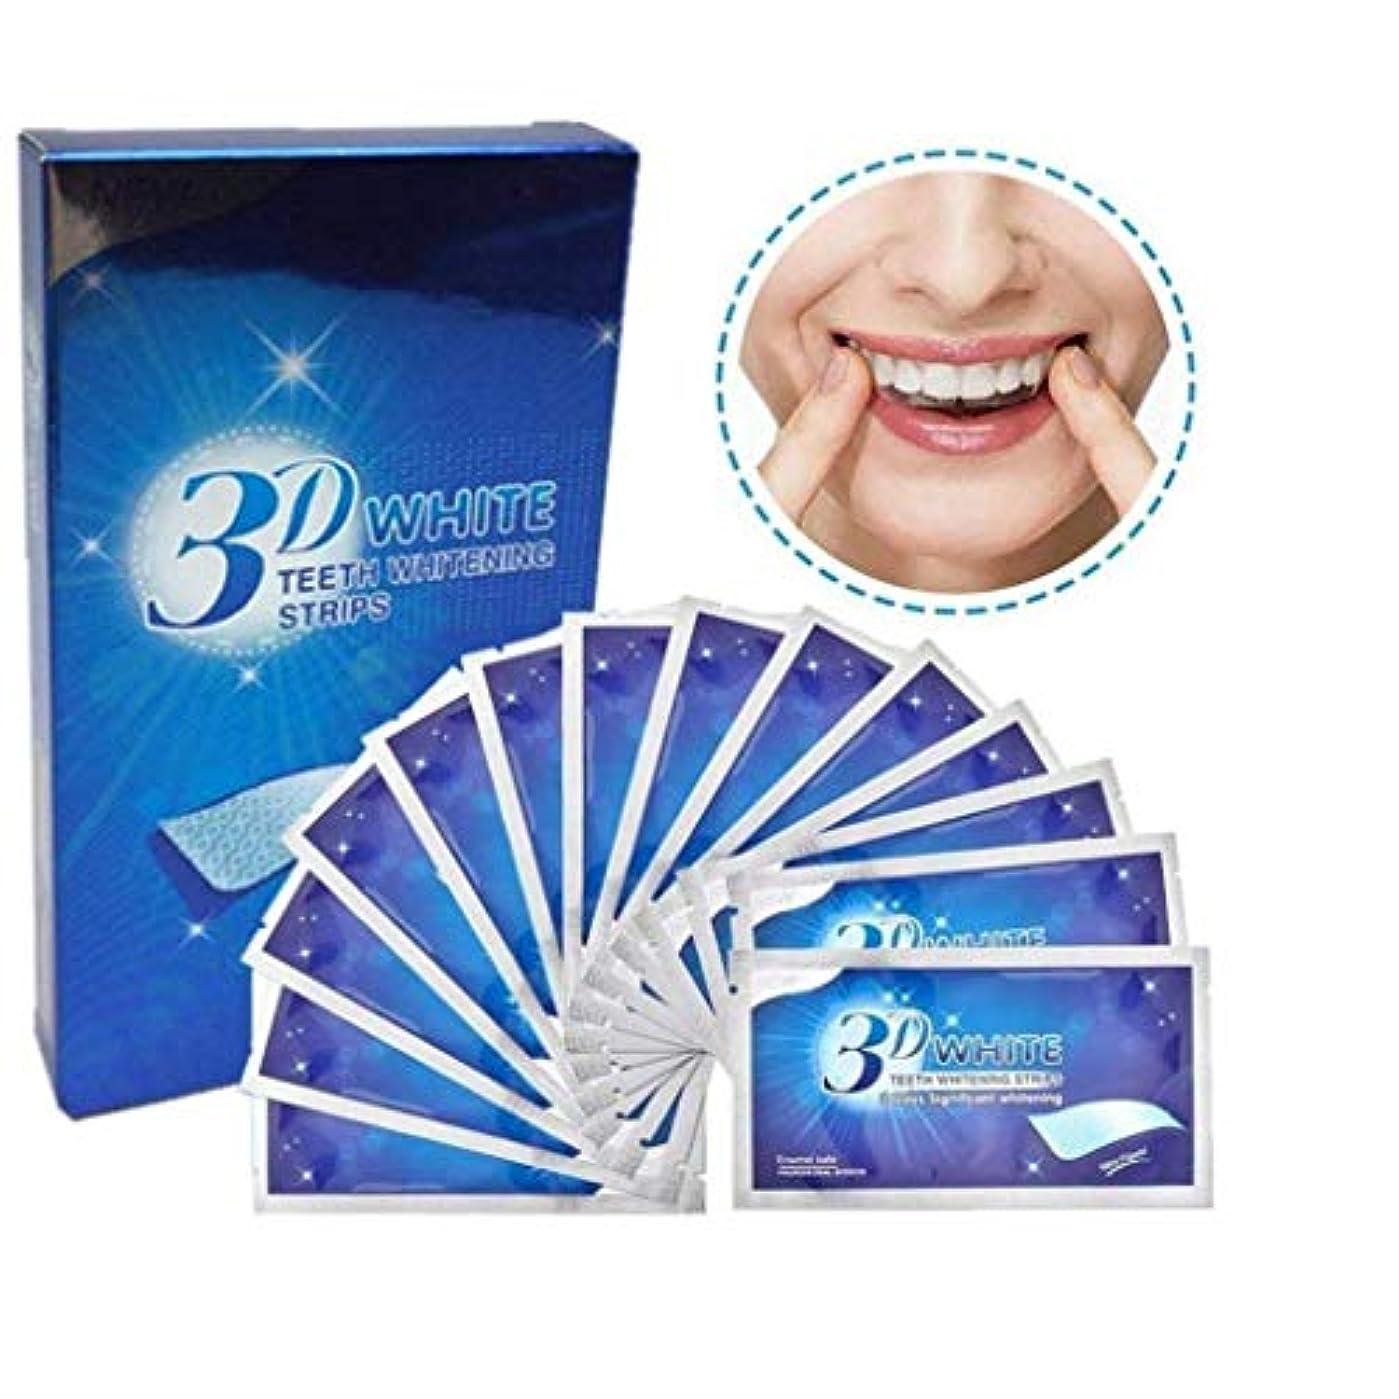 検索エンジンマーケティング平和ウォーターフロント歯 美白 ホワイトニング マニキュア 歯ケア 歯のホワイトニング 美白歯磨き 歯を白 ホワイトニングテープ 歯を漂白 14枚